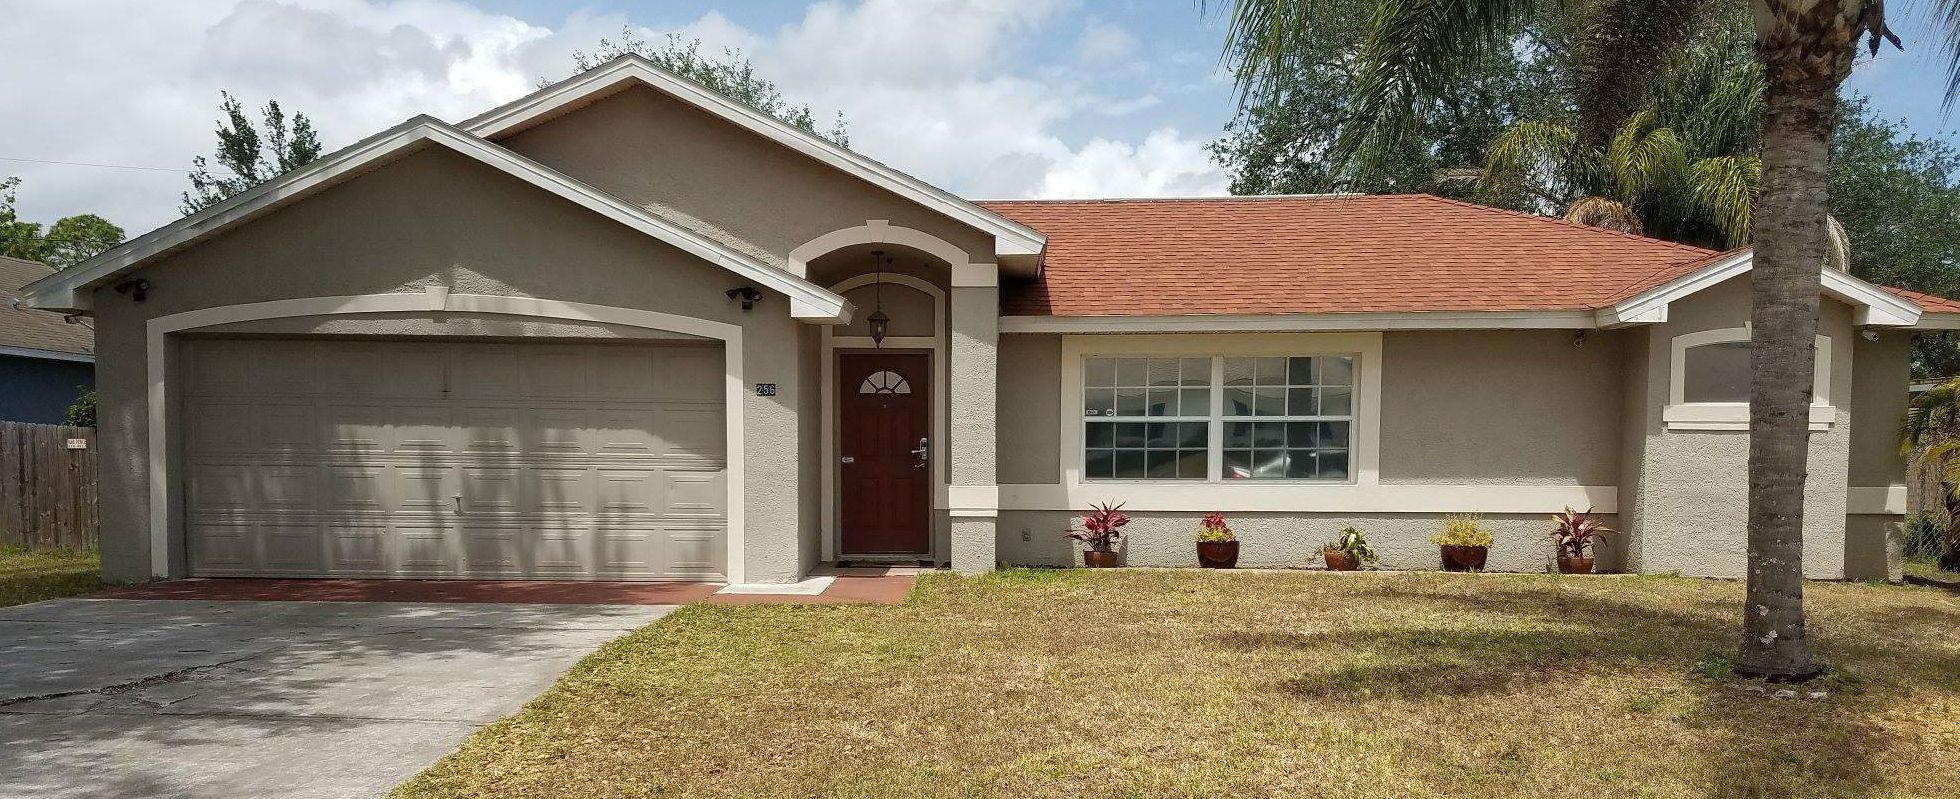 256 Gladiola Rd NE, Palm Bay, FL 32907 | Trulia